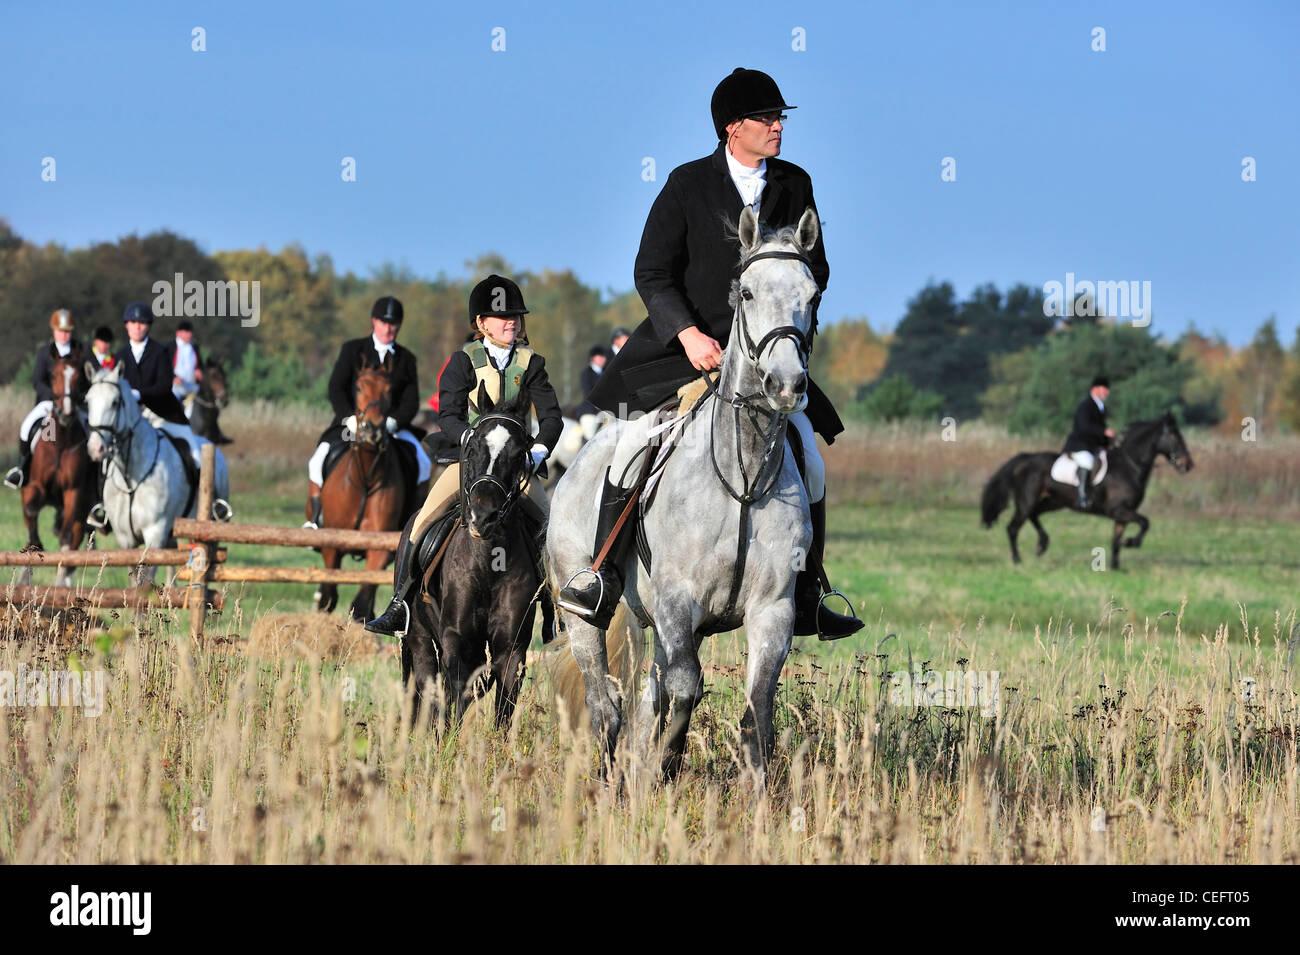 Jäger in schwarzen Mänteln zu Pferd folgen Sie künstliche Duft während des Ziehens / trail Jagd Stockbild